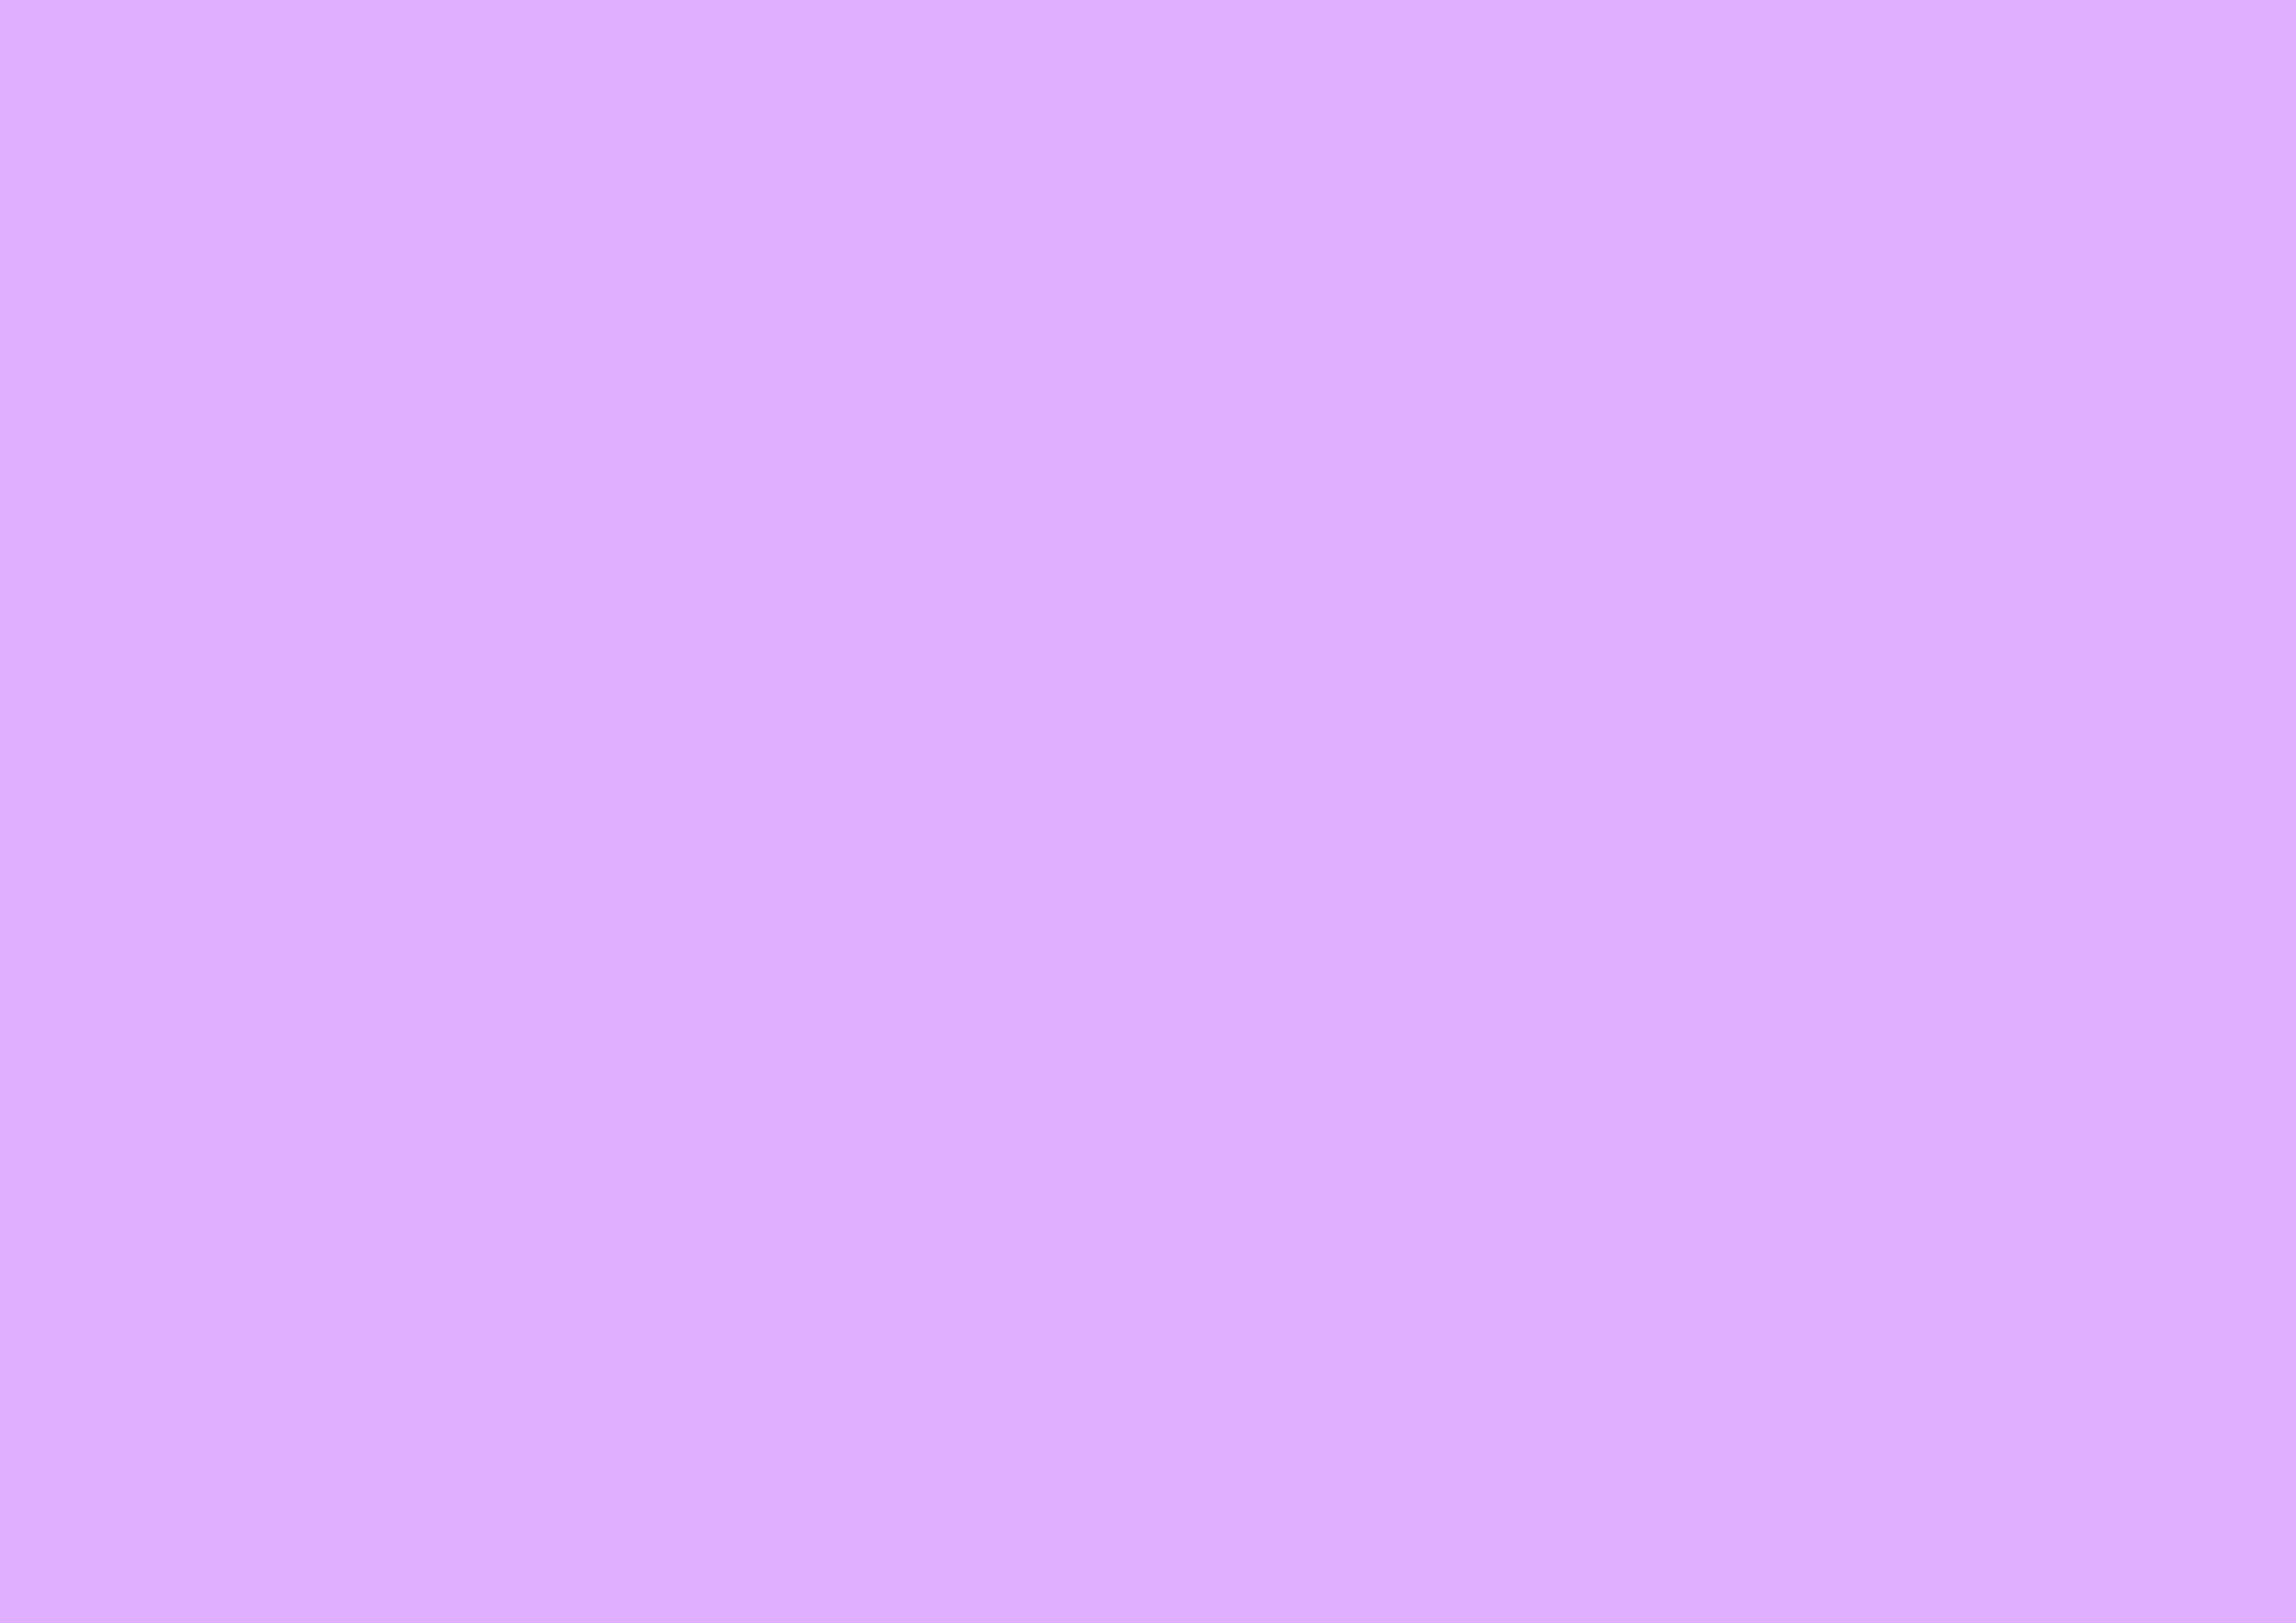 3508x2480 Mauve Solid Color Background